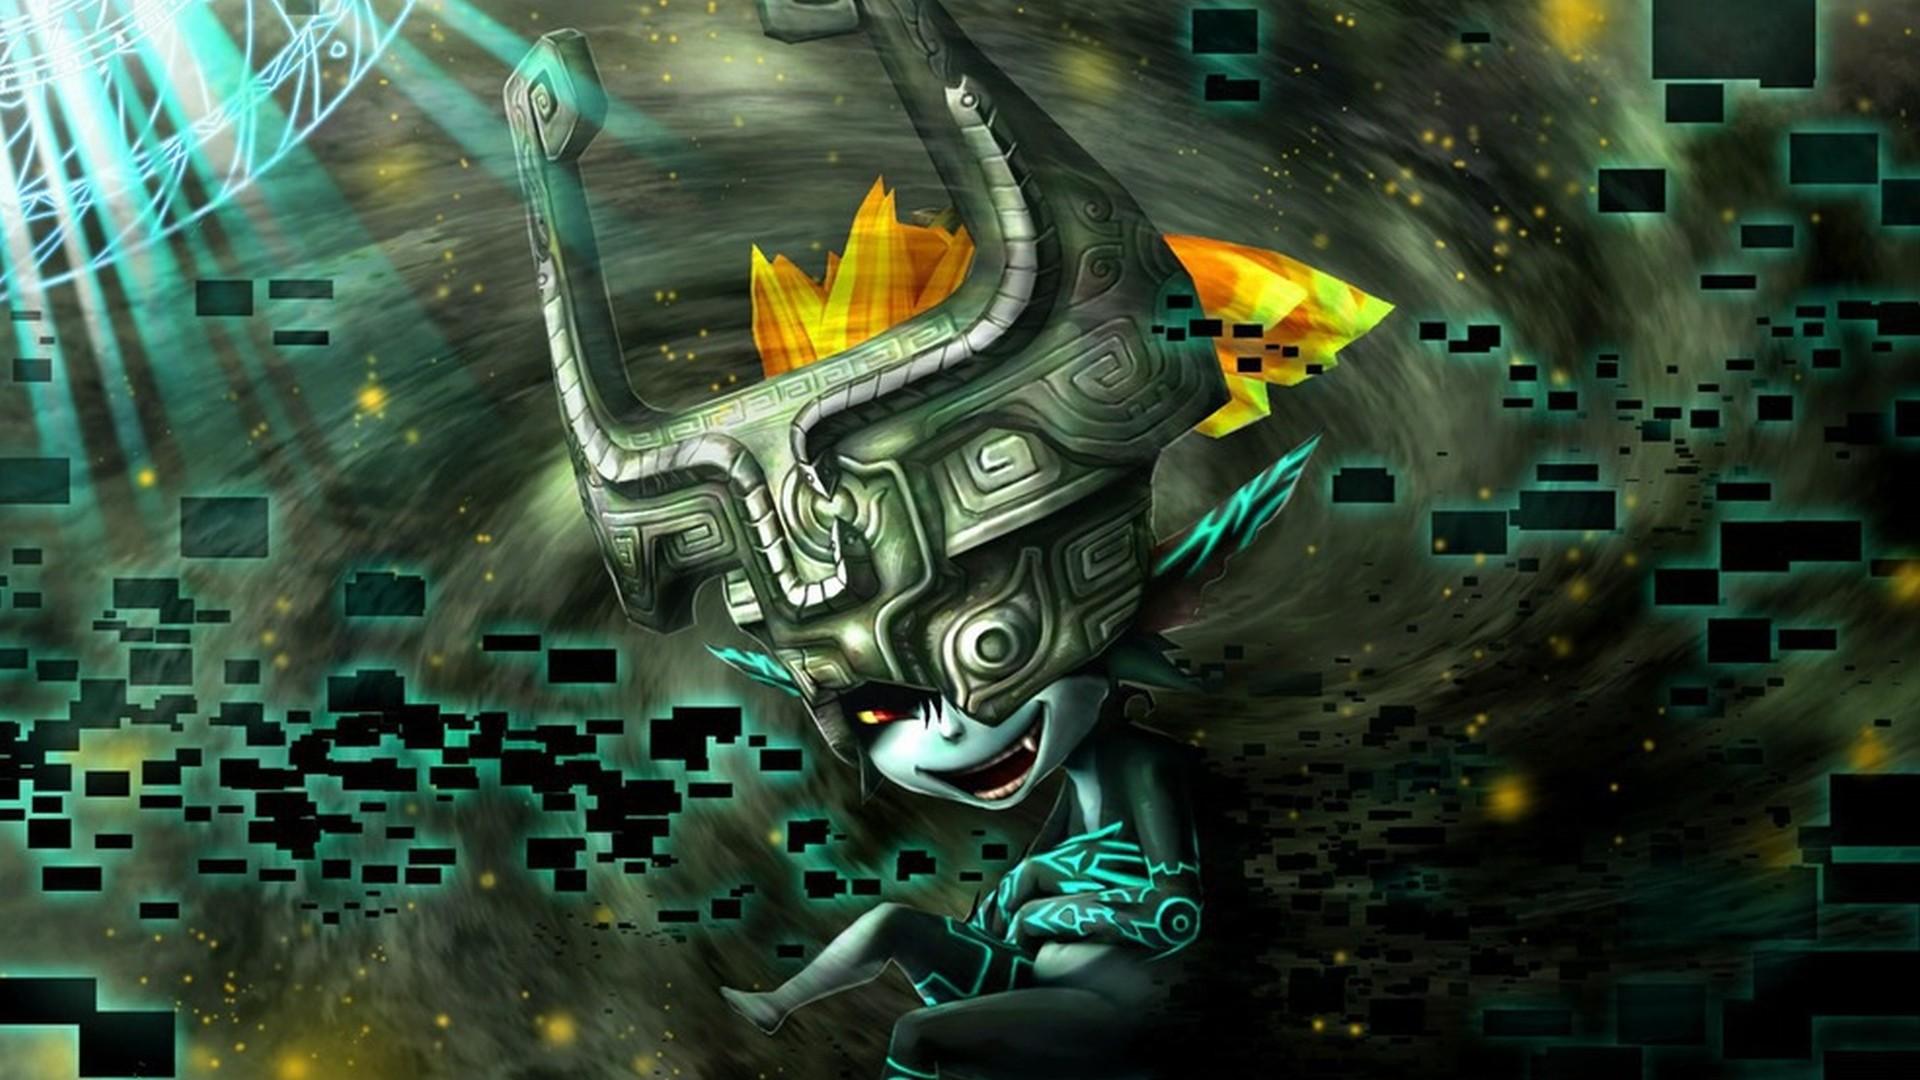 Legend Of Zelda Wallpaper For Iphone